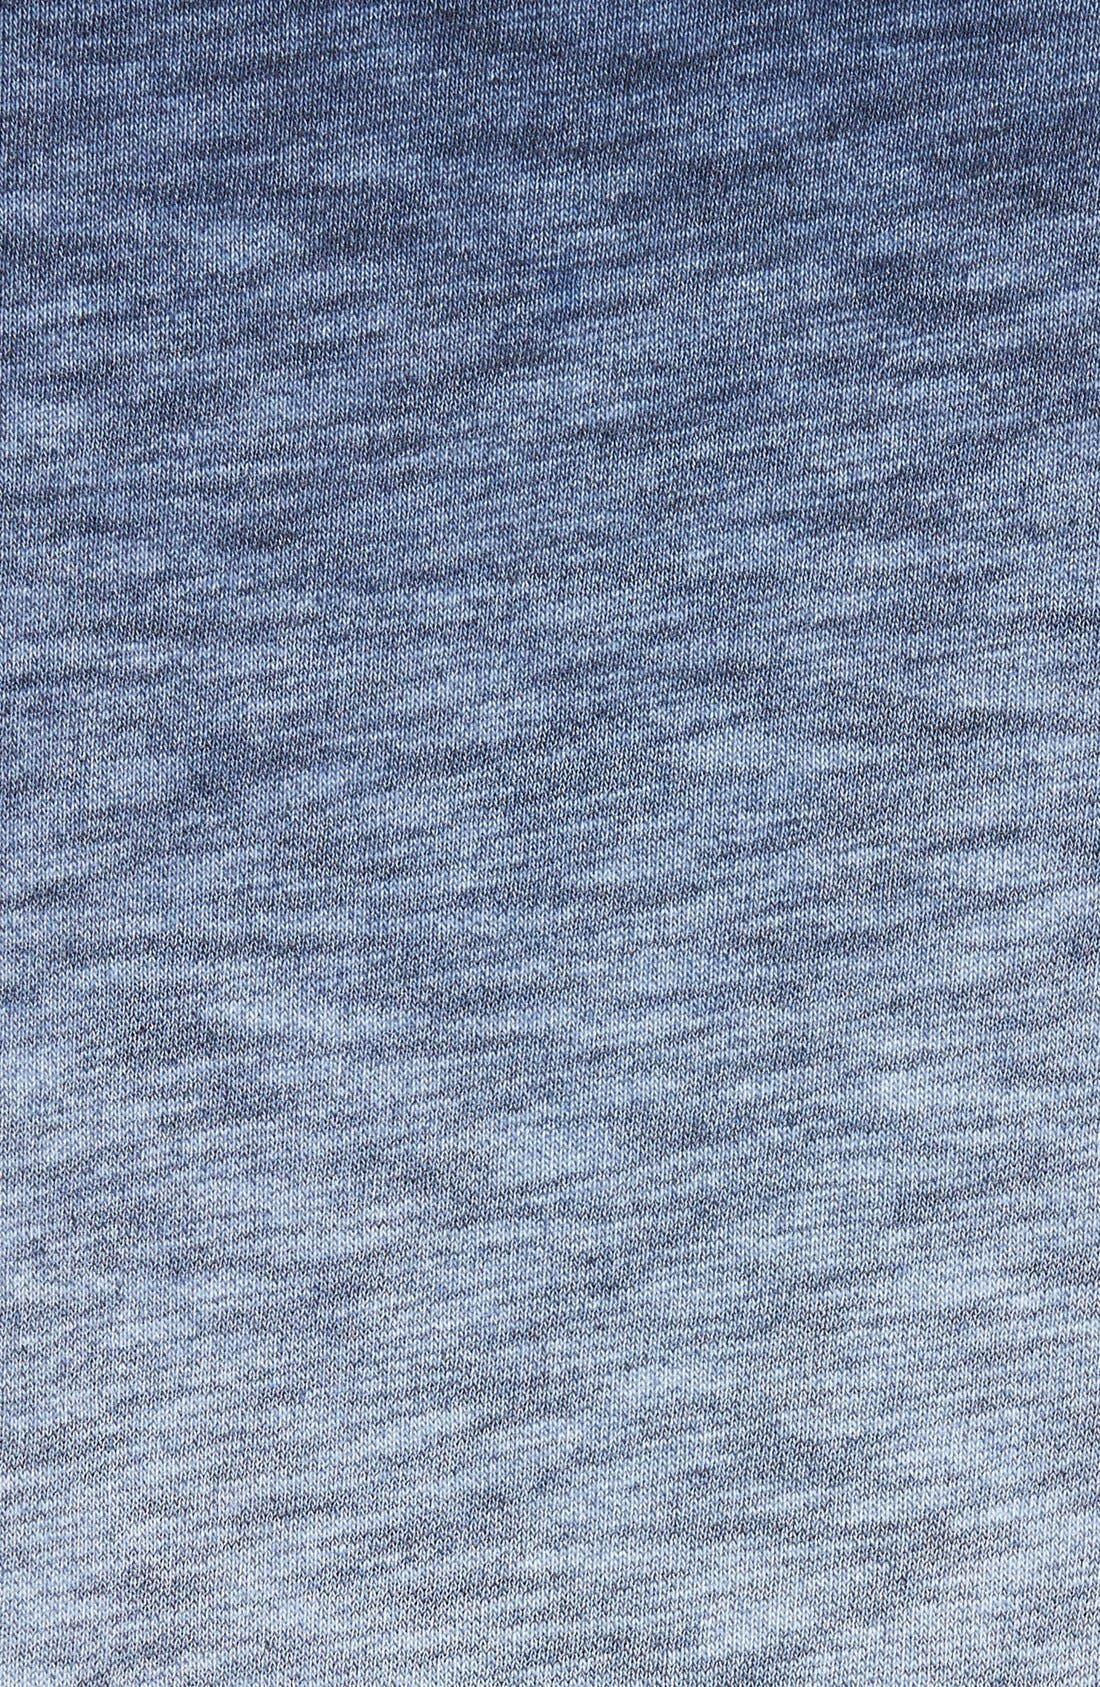 'Santiago' Ombré Crewneck Sweatshirt,                             Alternate thumbnail 5, color,